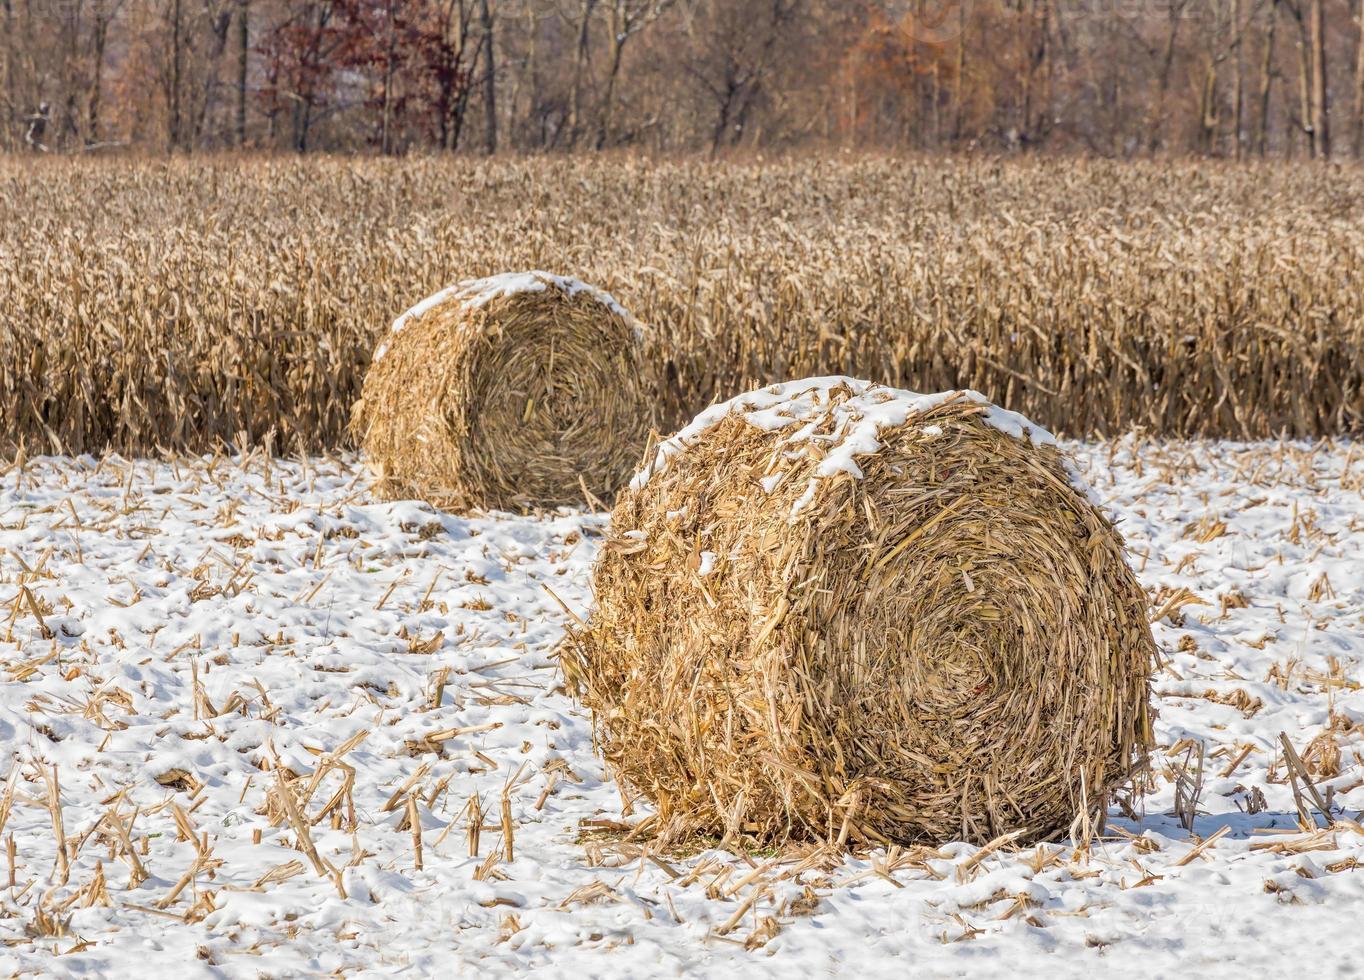 schneebedeckte Maisstängelballen foto